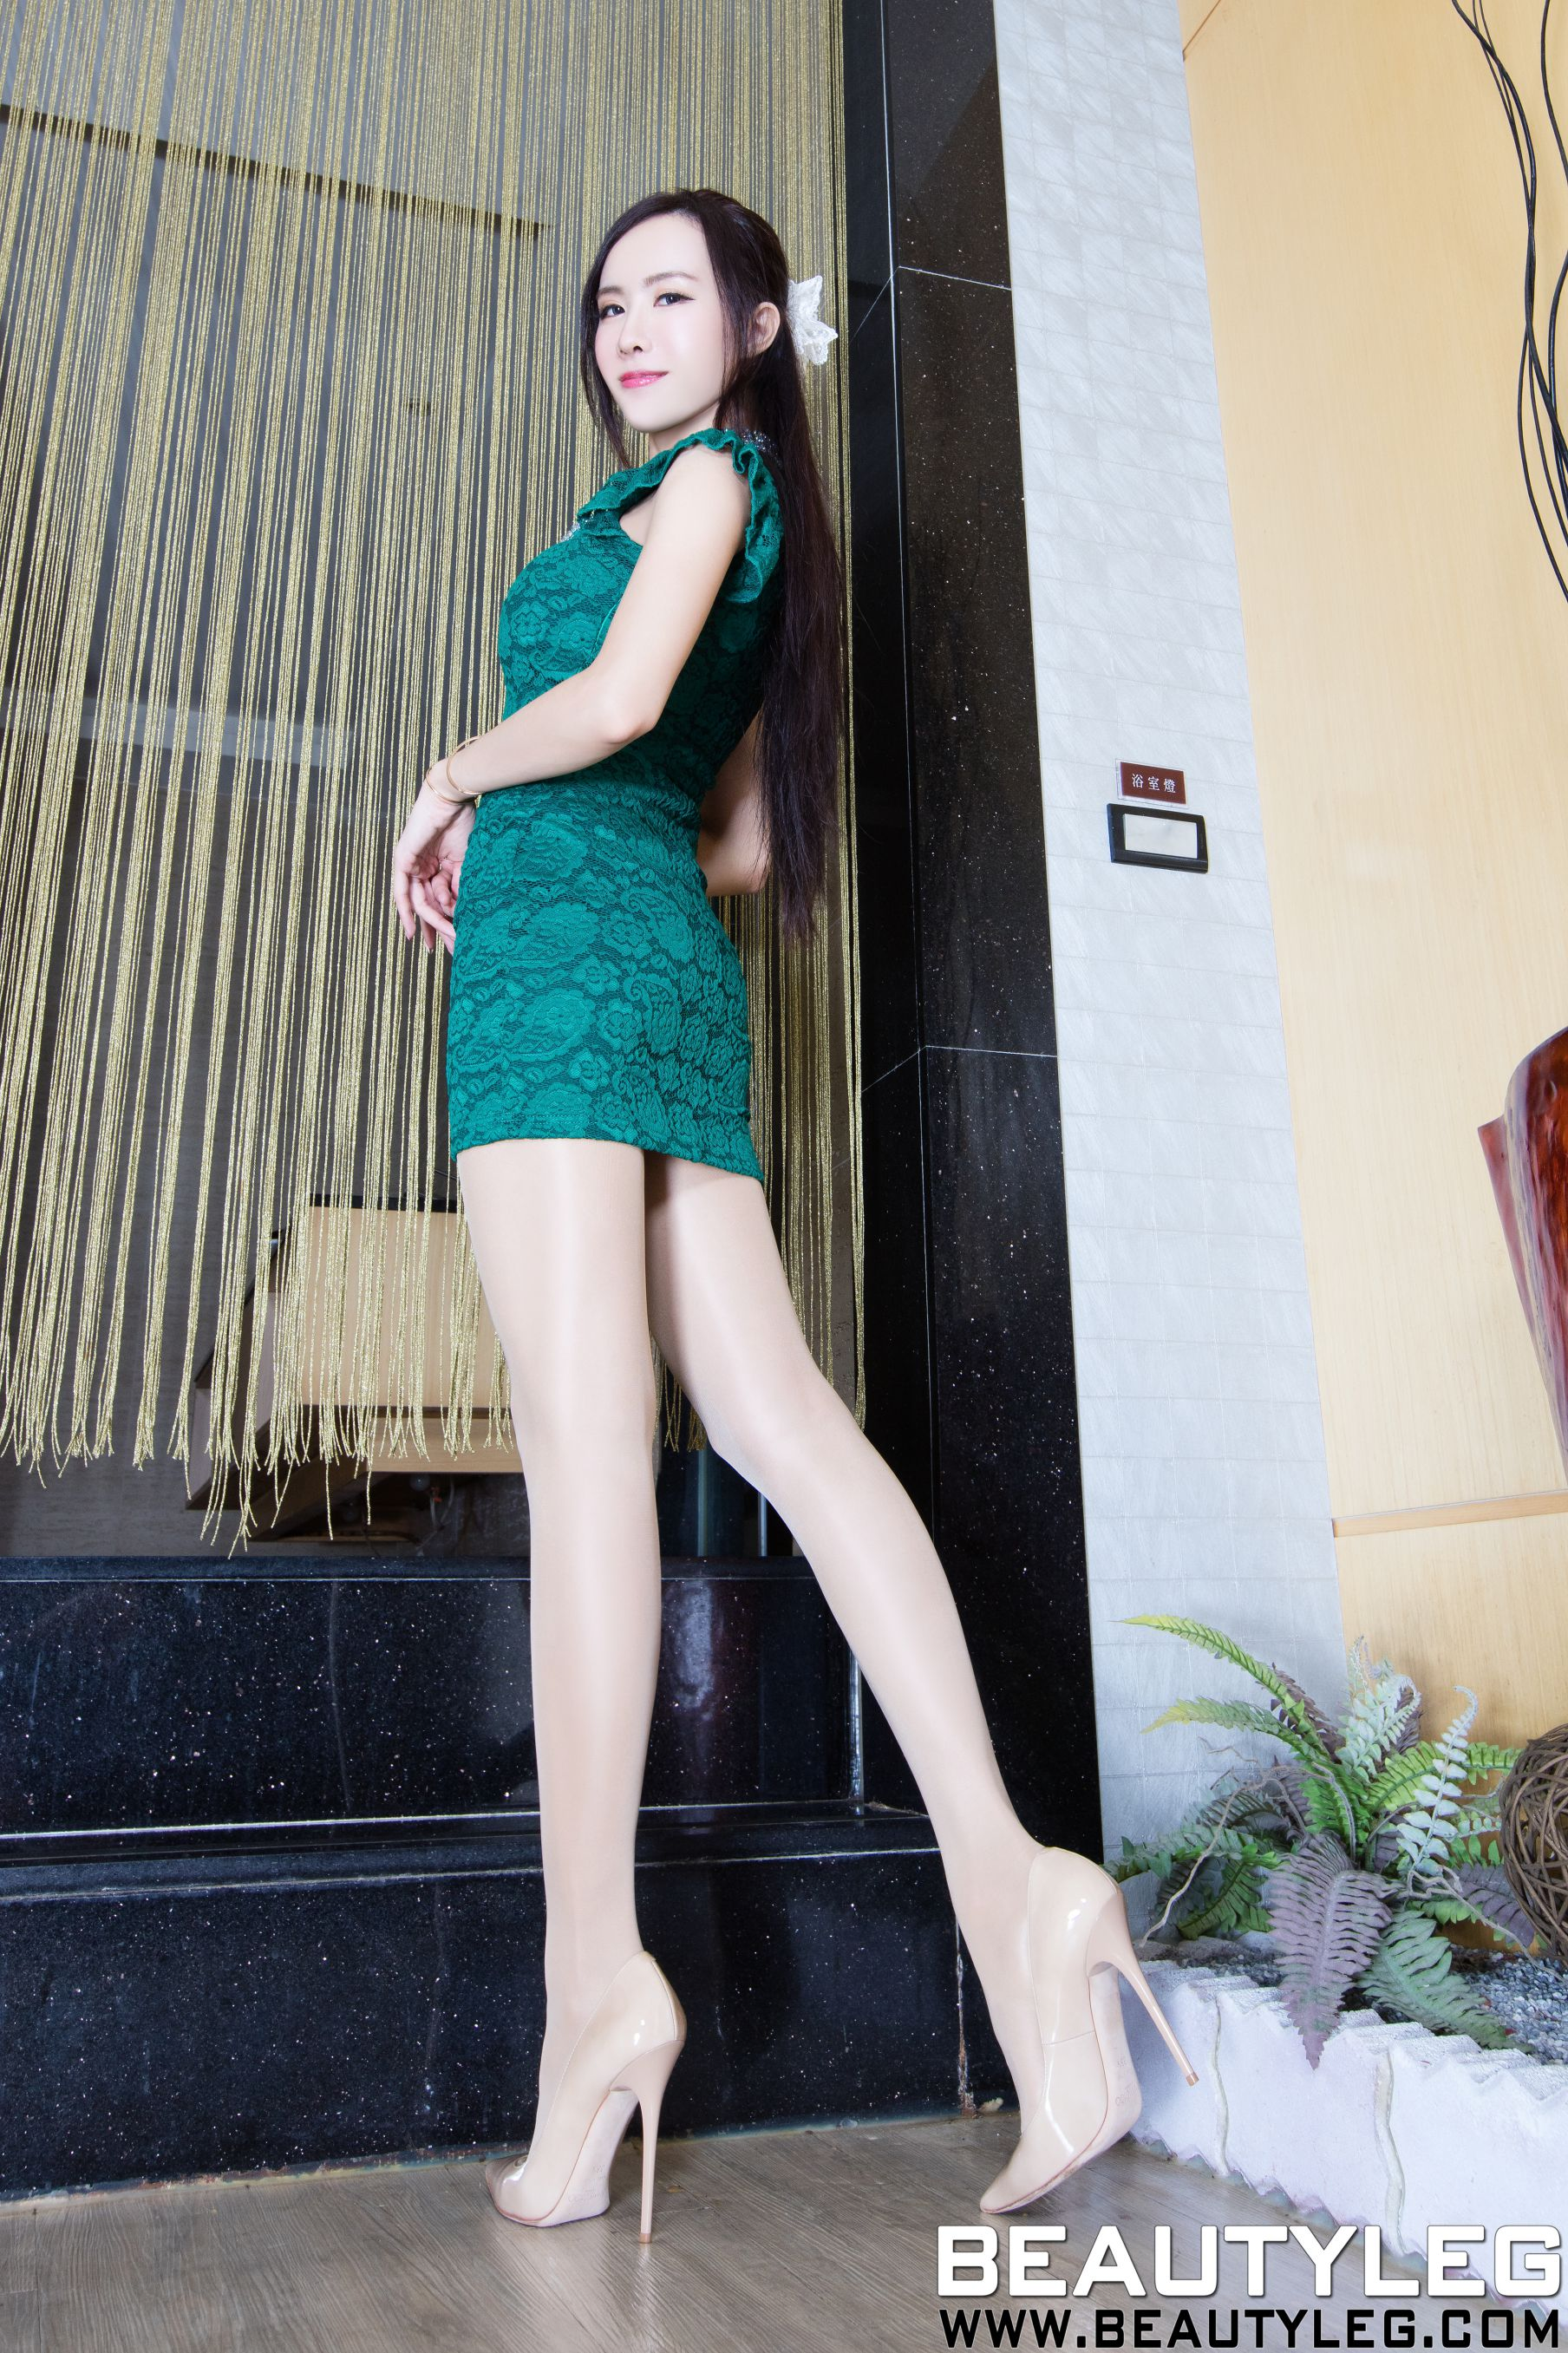 VOL.1510 [Beautyleg]高跟凉鞋长腿美女:曾妍希(腿模Dora)高品质写真套图(42P)